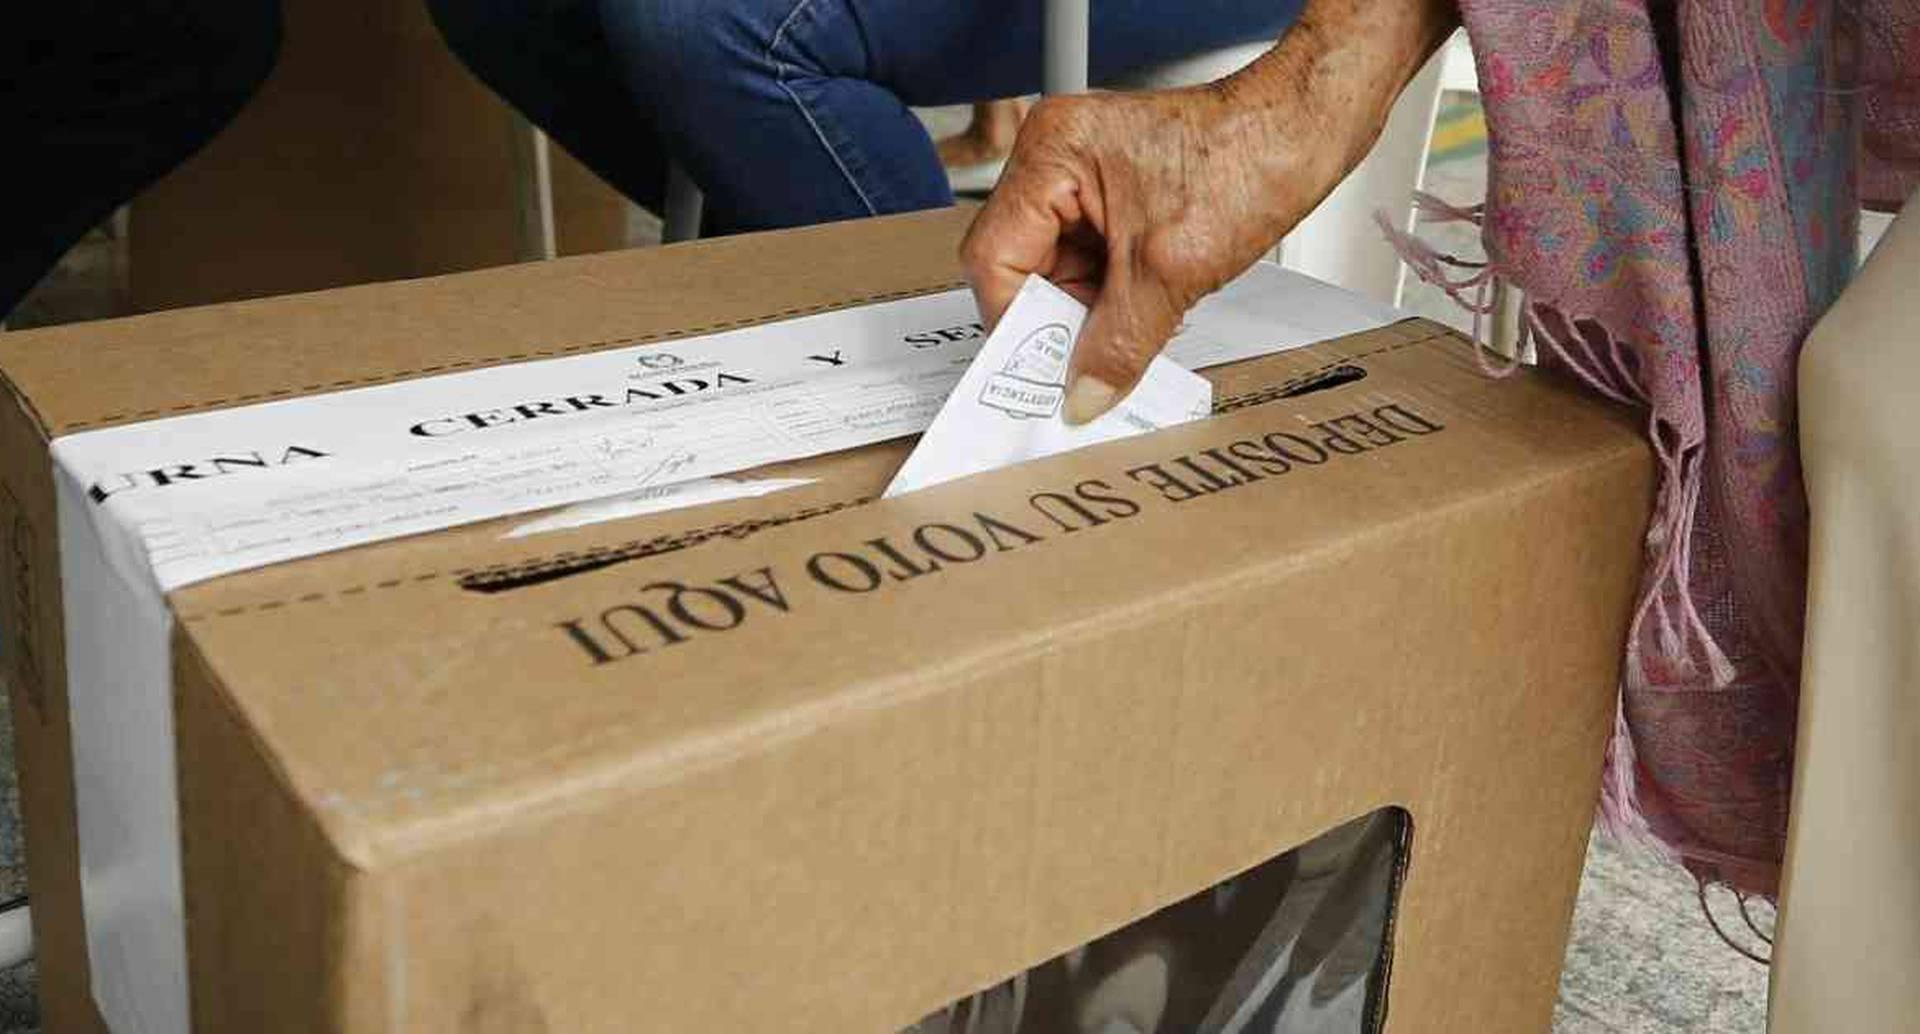 En la consulta popular realizada en Tauramena el 15 de diciembre de 2013, el No ganó de forma abrumadora. Foto ilustración: Daniel Reina.